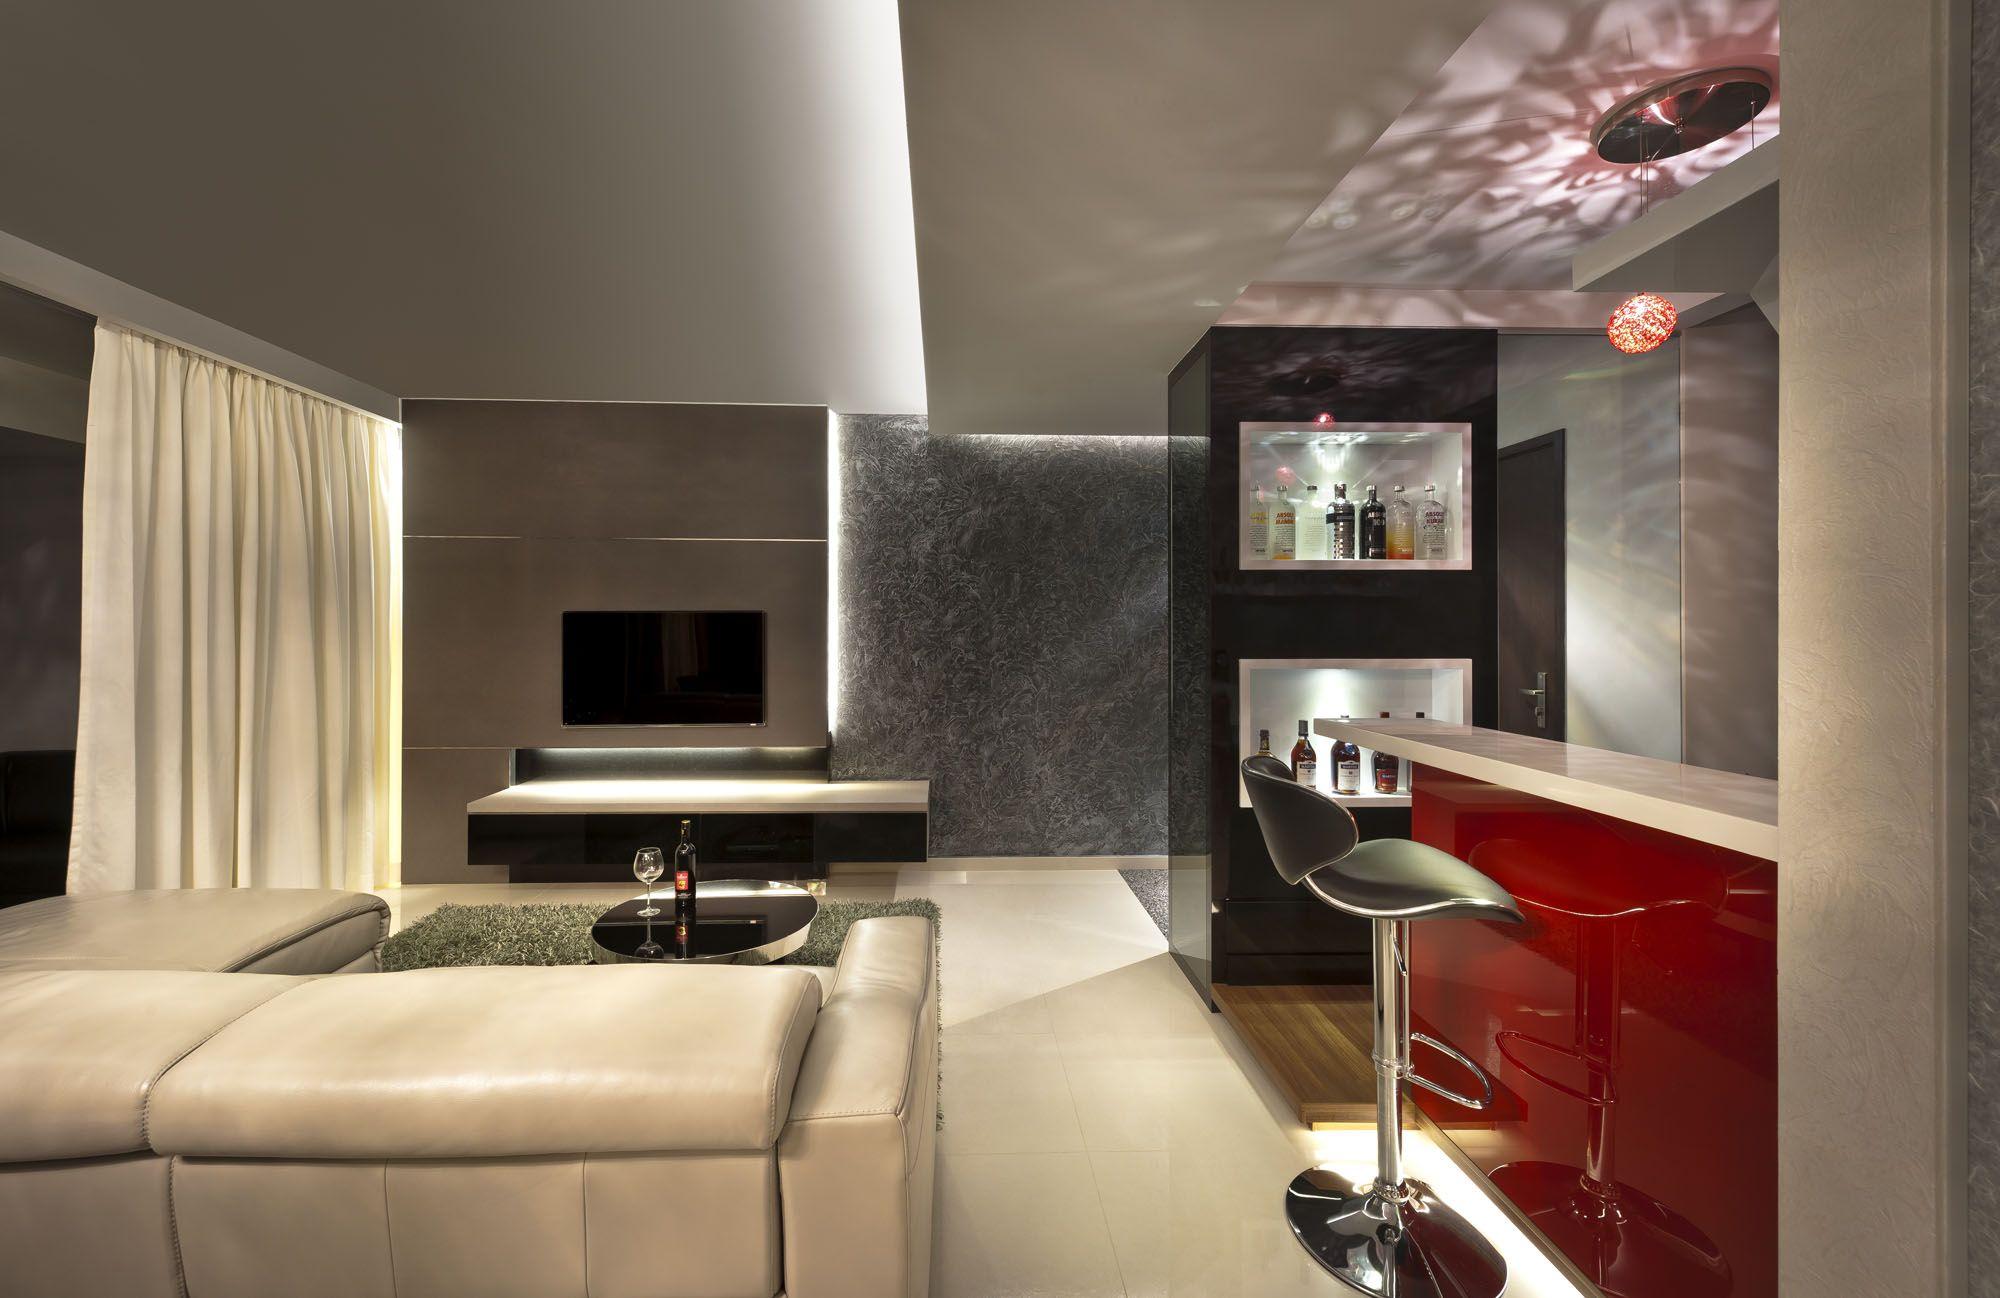 Singapore hdb home design ideas - Hdb 4 Room Blk 333a Anchorvale Link Interior Design Singapore Living Dining Pinterest Singapore Interiors And Room